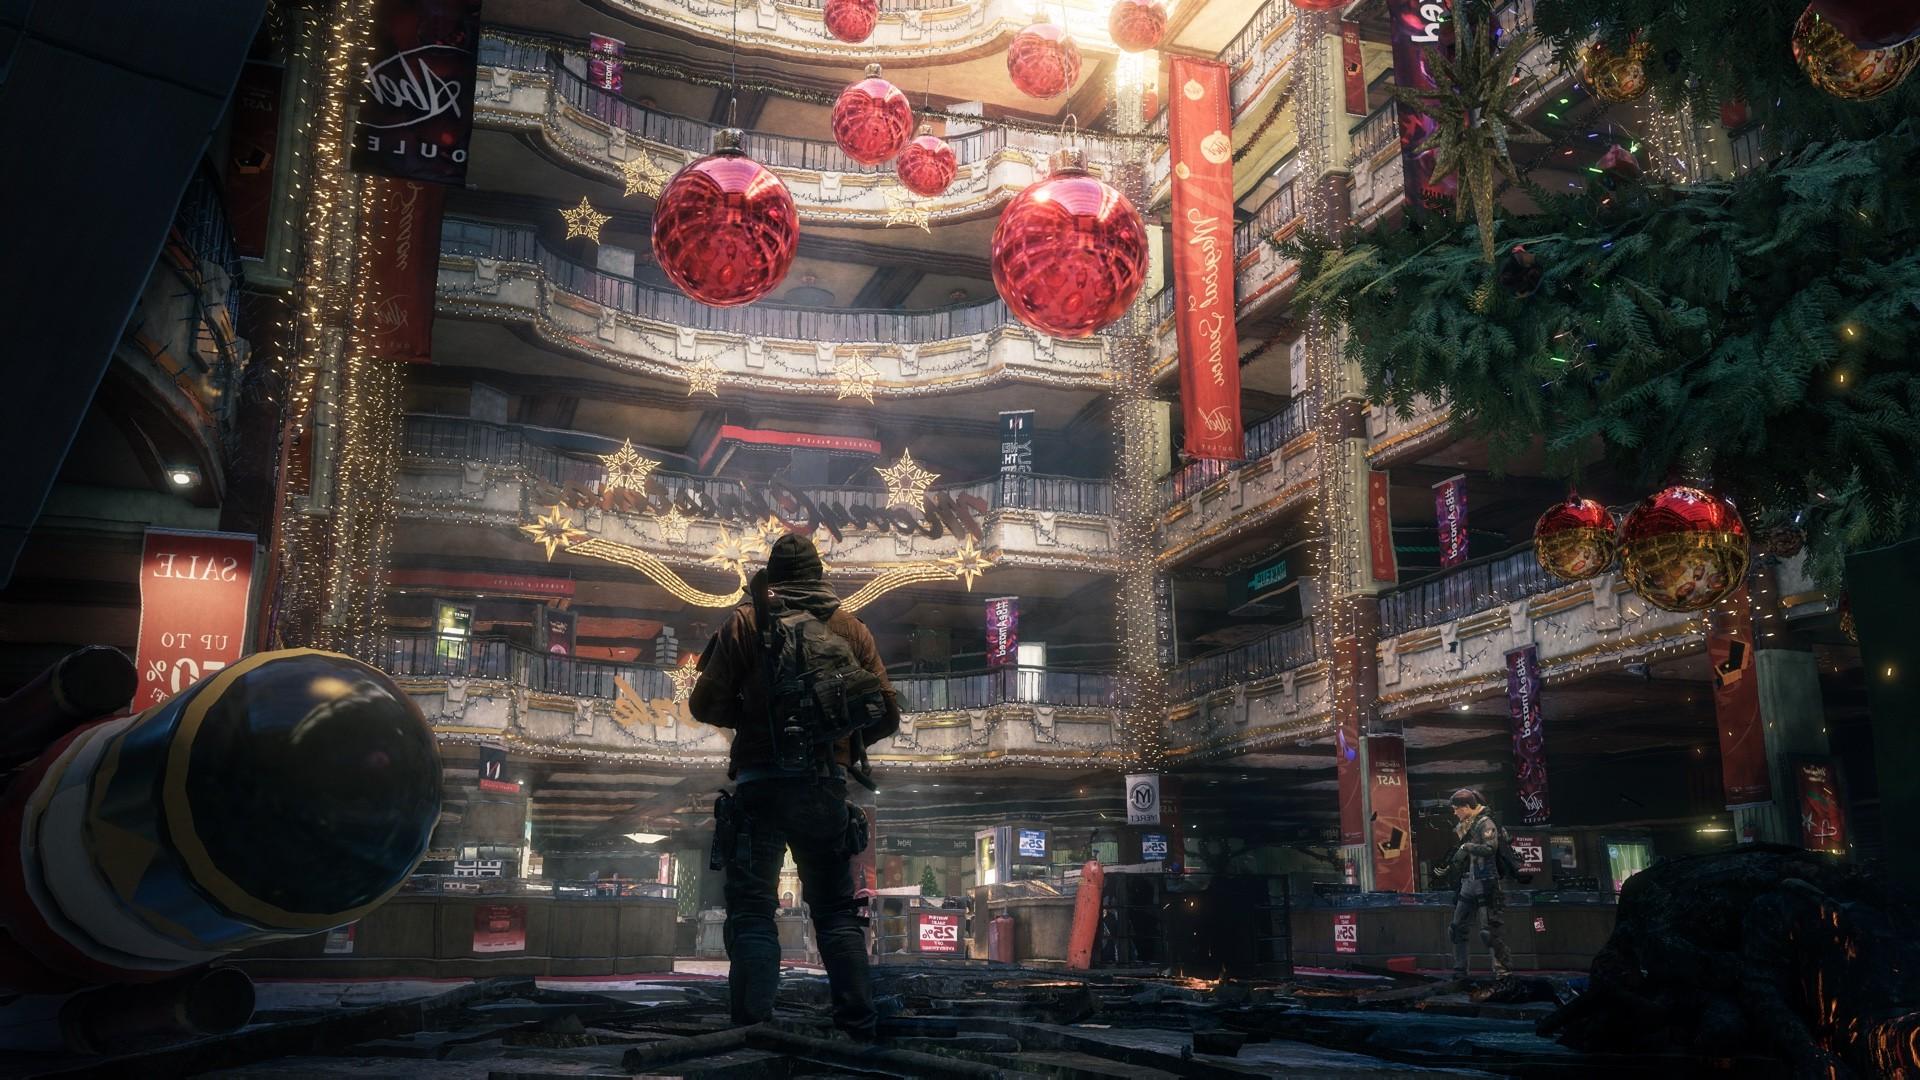 Weihnachtsbaum Spiele.Hintergrundbilder Tempel Videospiele Stadt Nacht